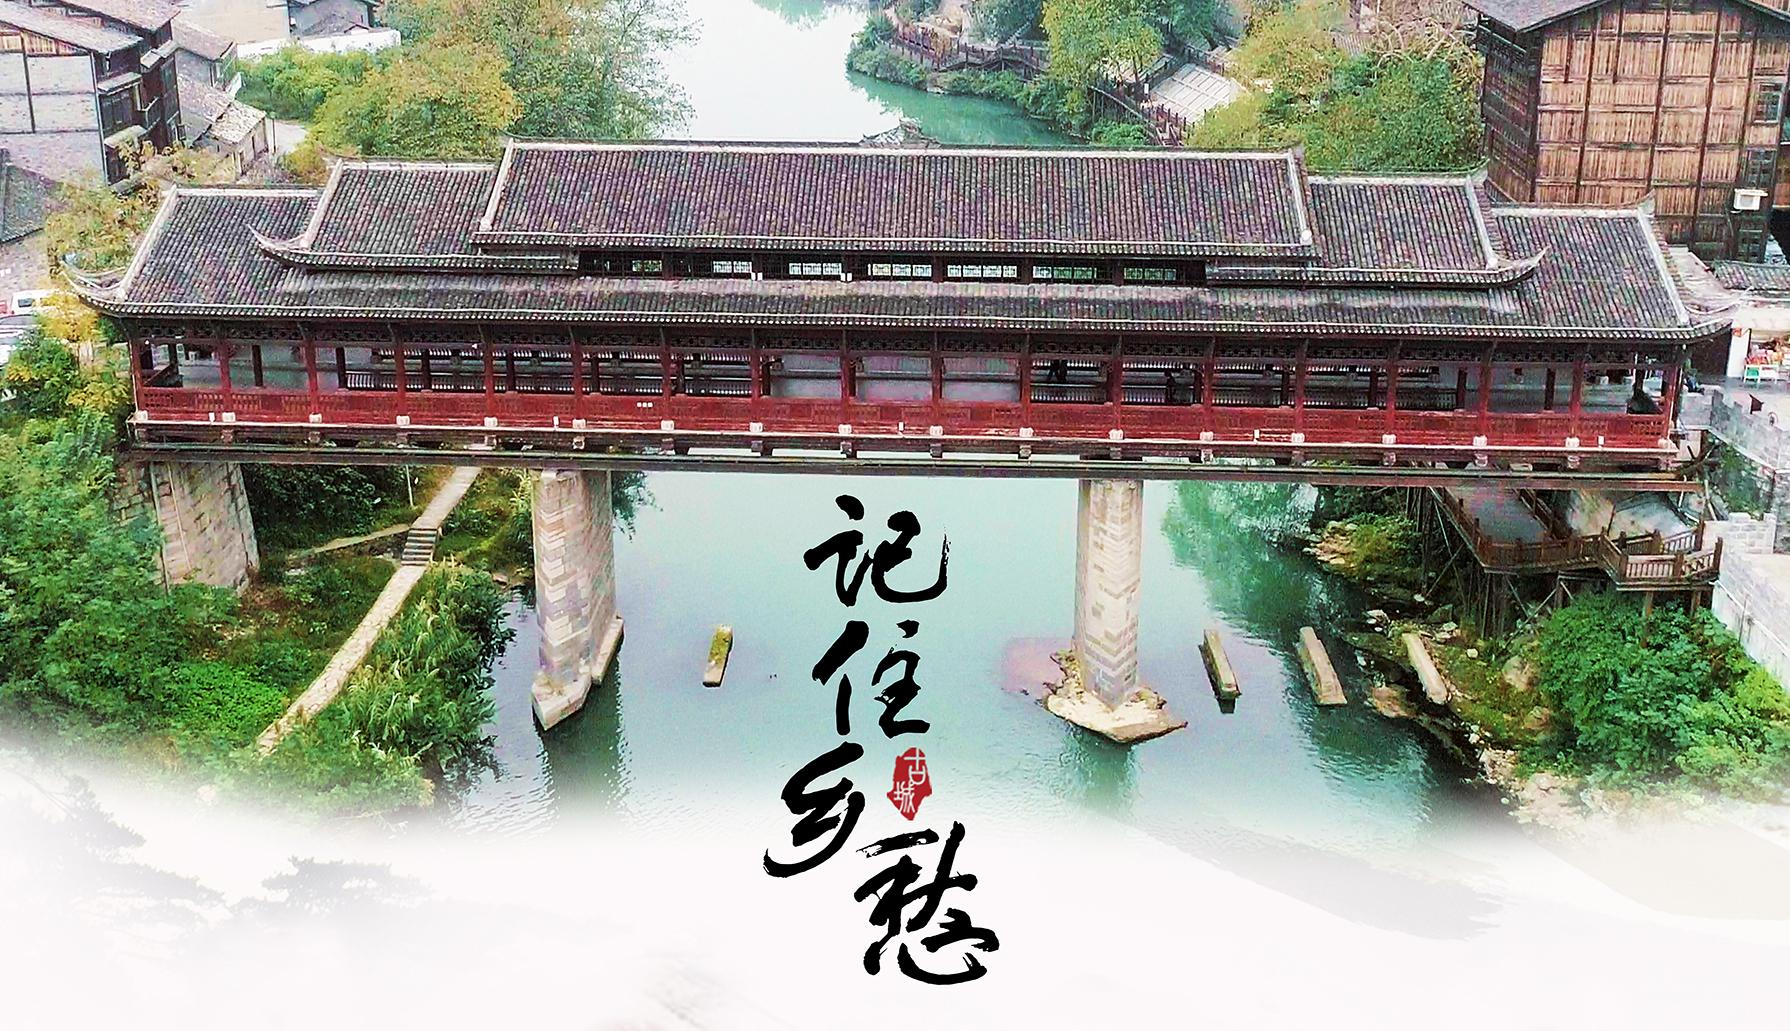 《记住乡愁》第六季 20200228 第三十集 秀山古城——鸡鸣三省 和合共生